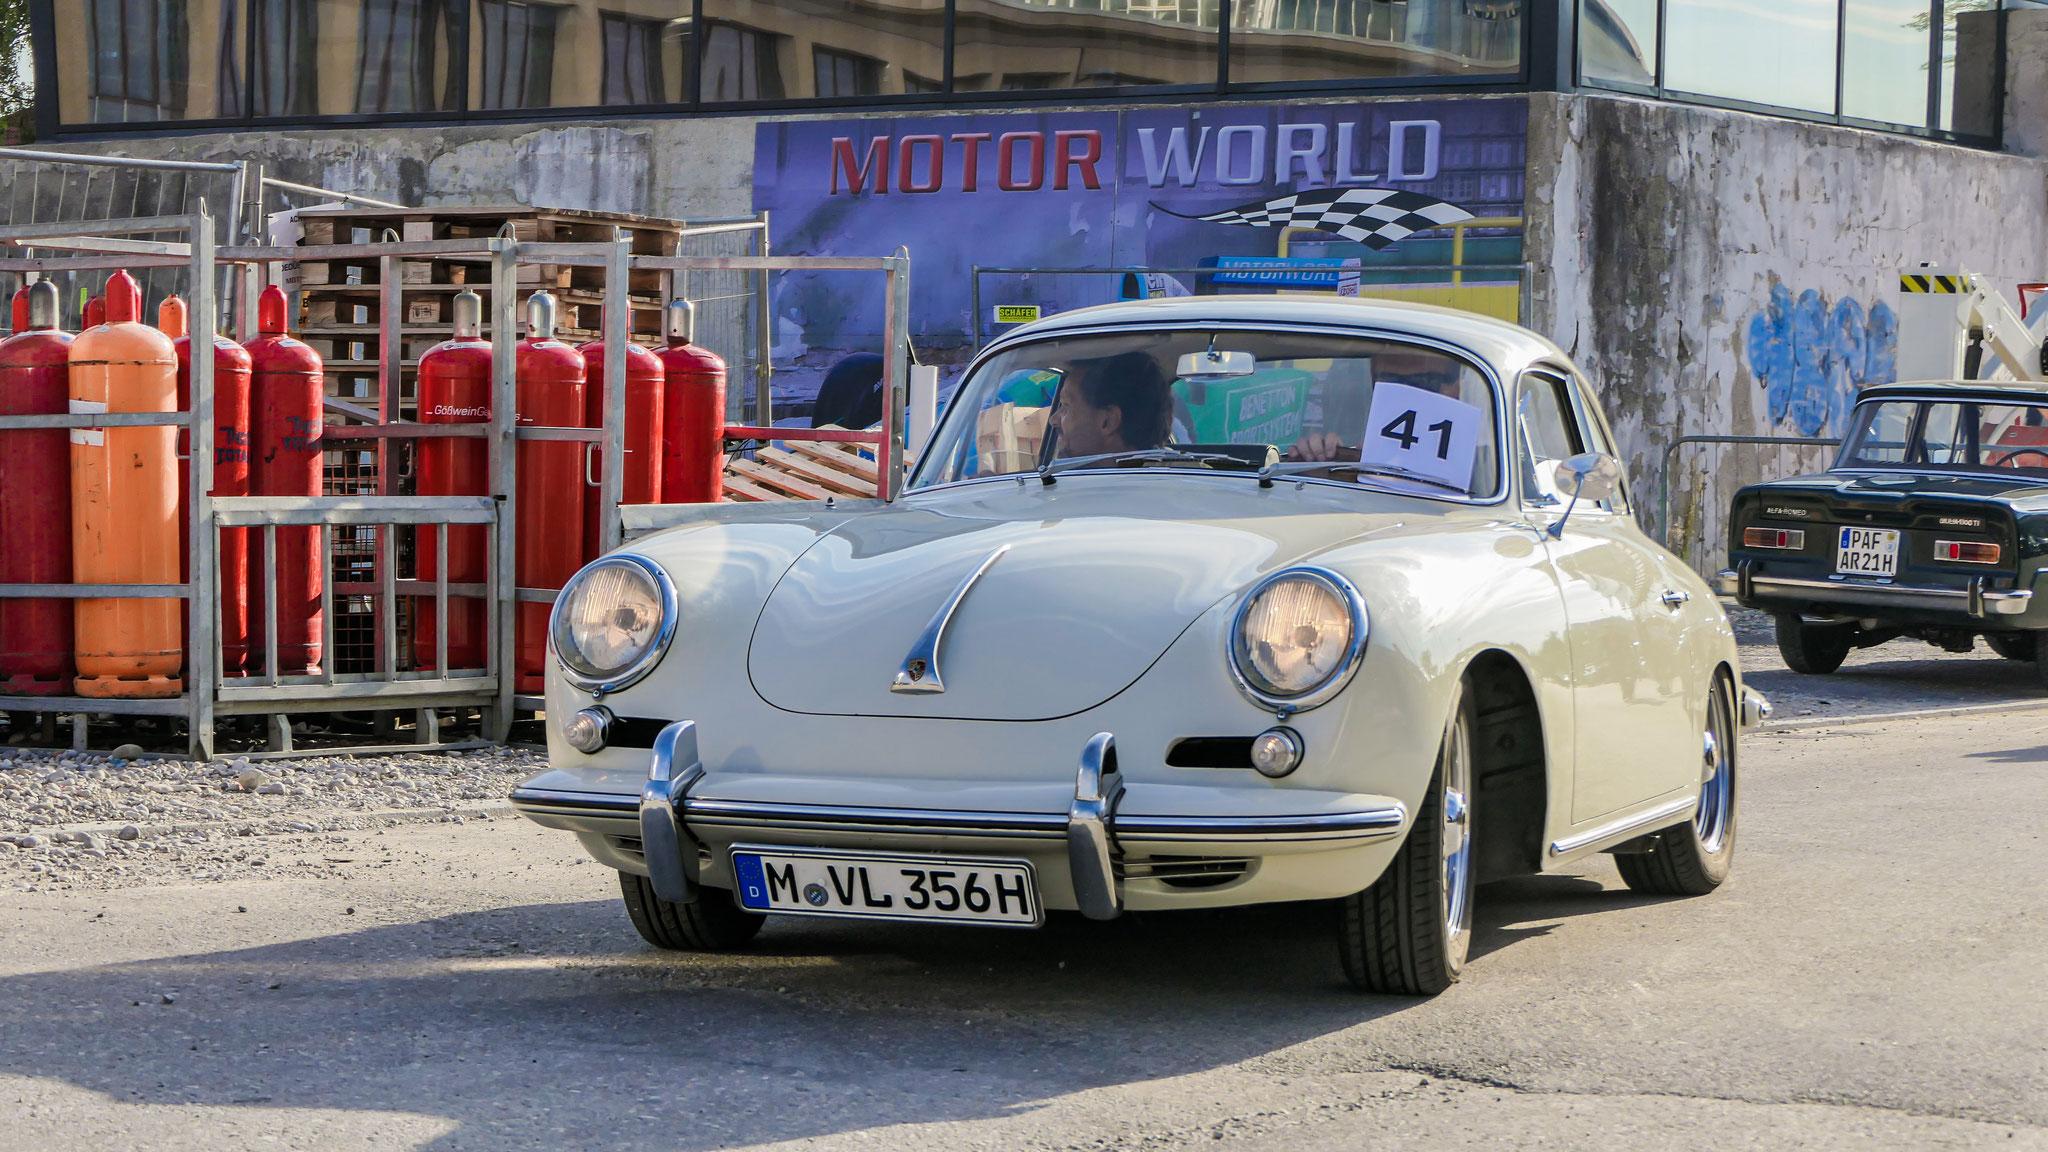 Porsche 356 1600 - M-VL-356H